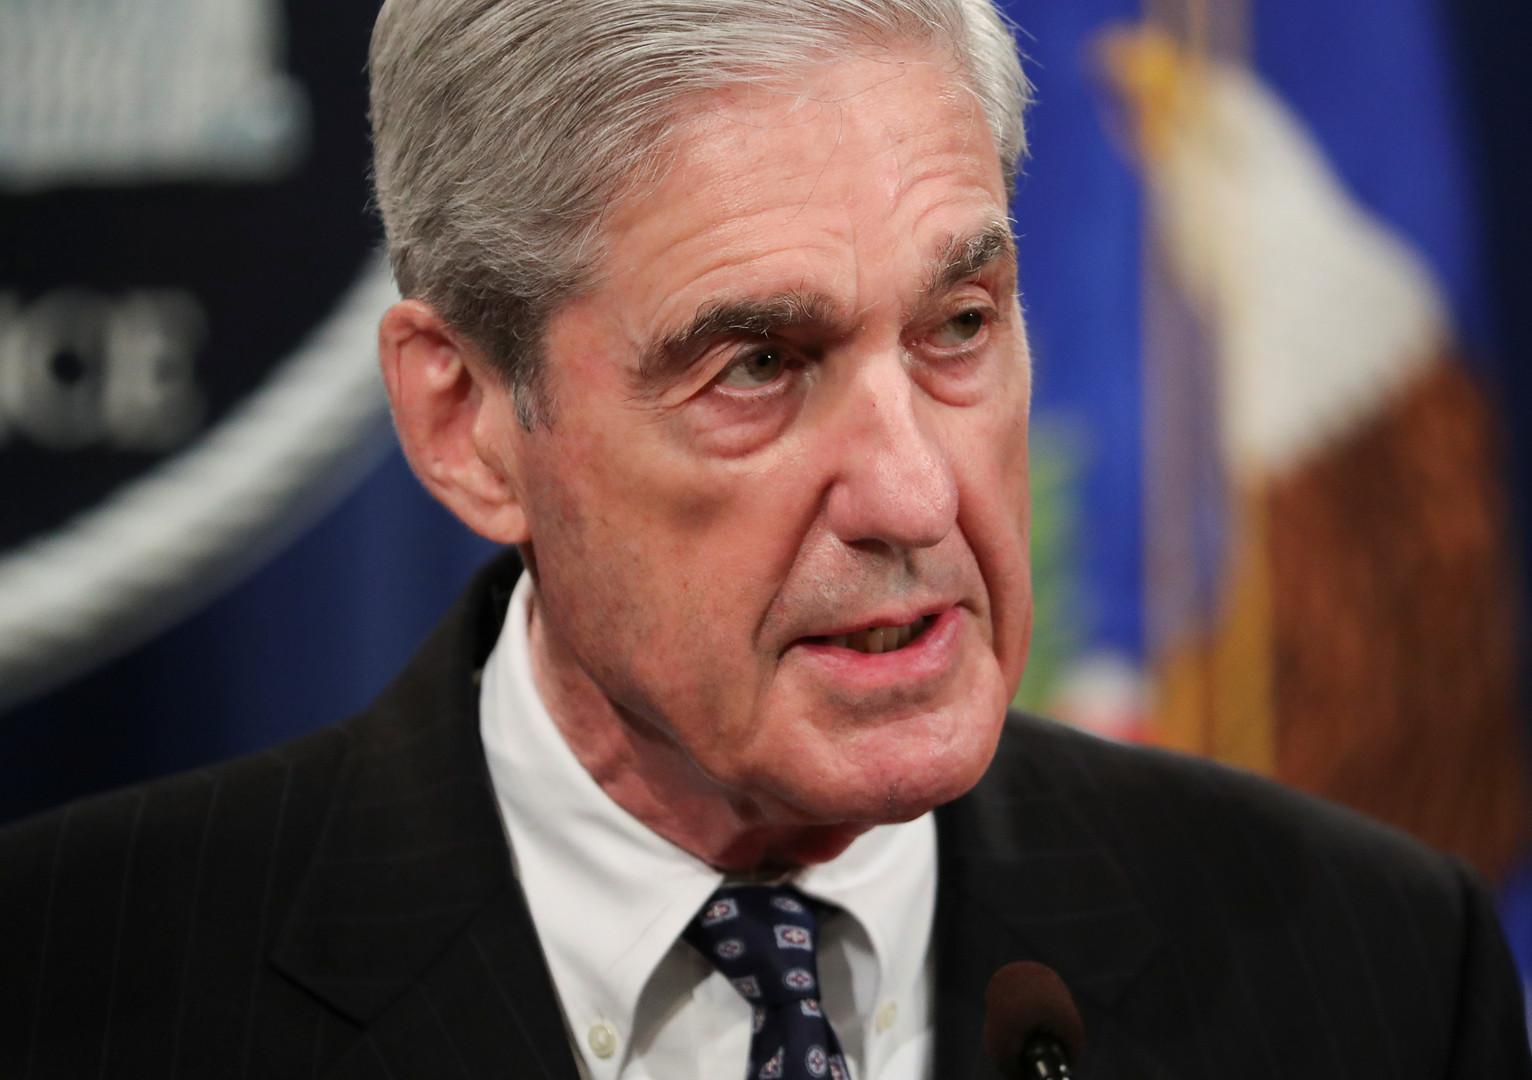 روبرت مولر، المحقق الخاص في تدخل روسيا المزعوم في انتخابات الرئاسة الأمريكية 2016